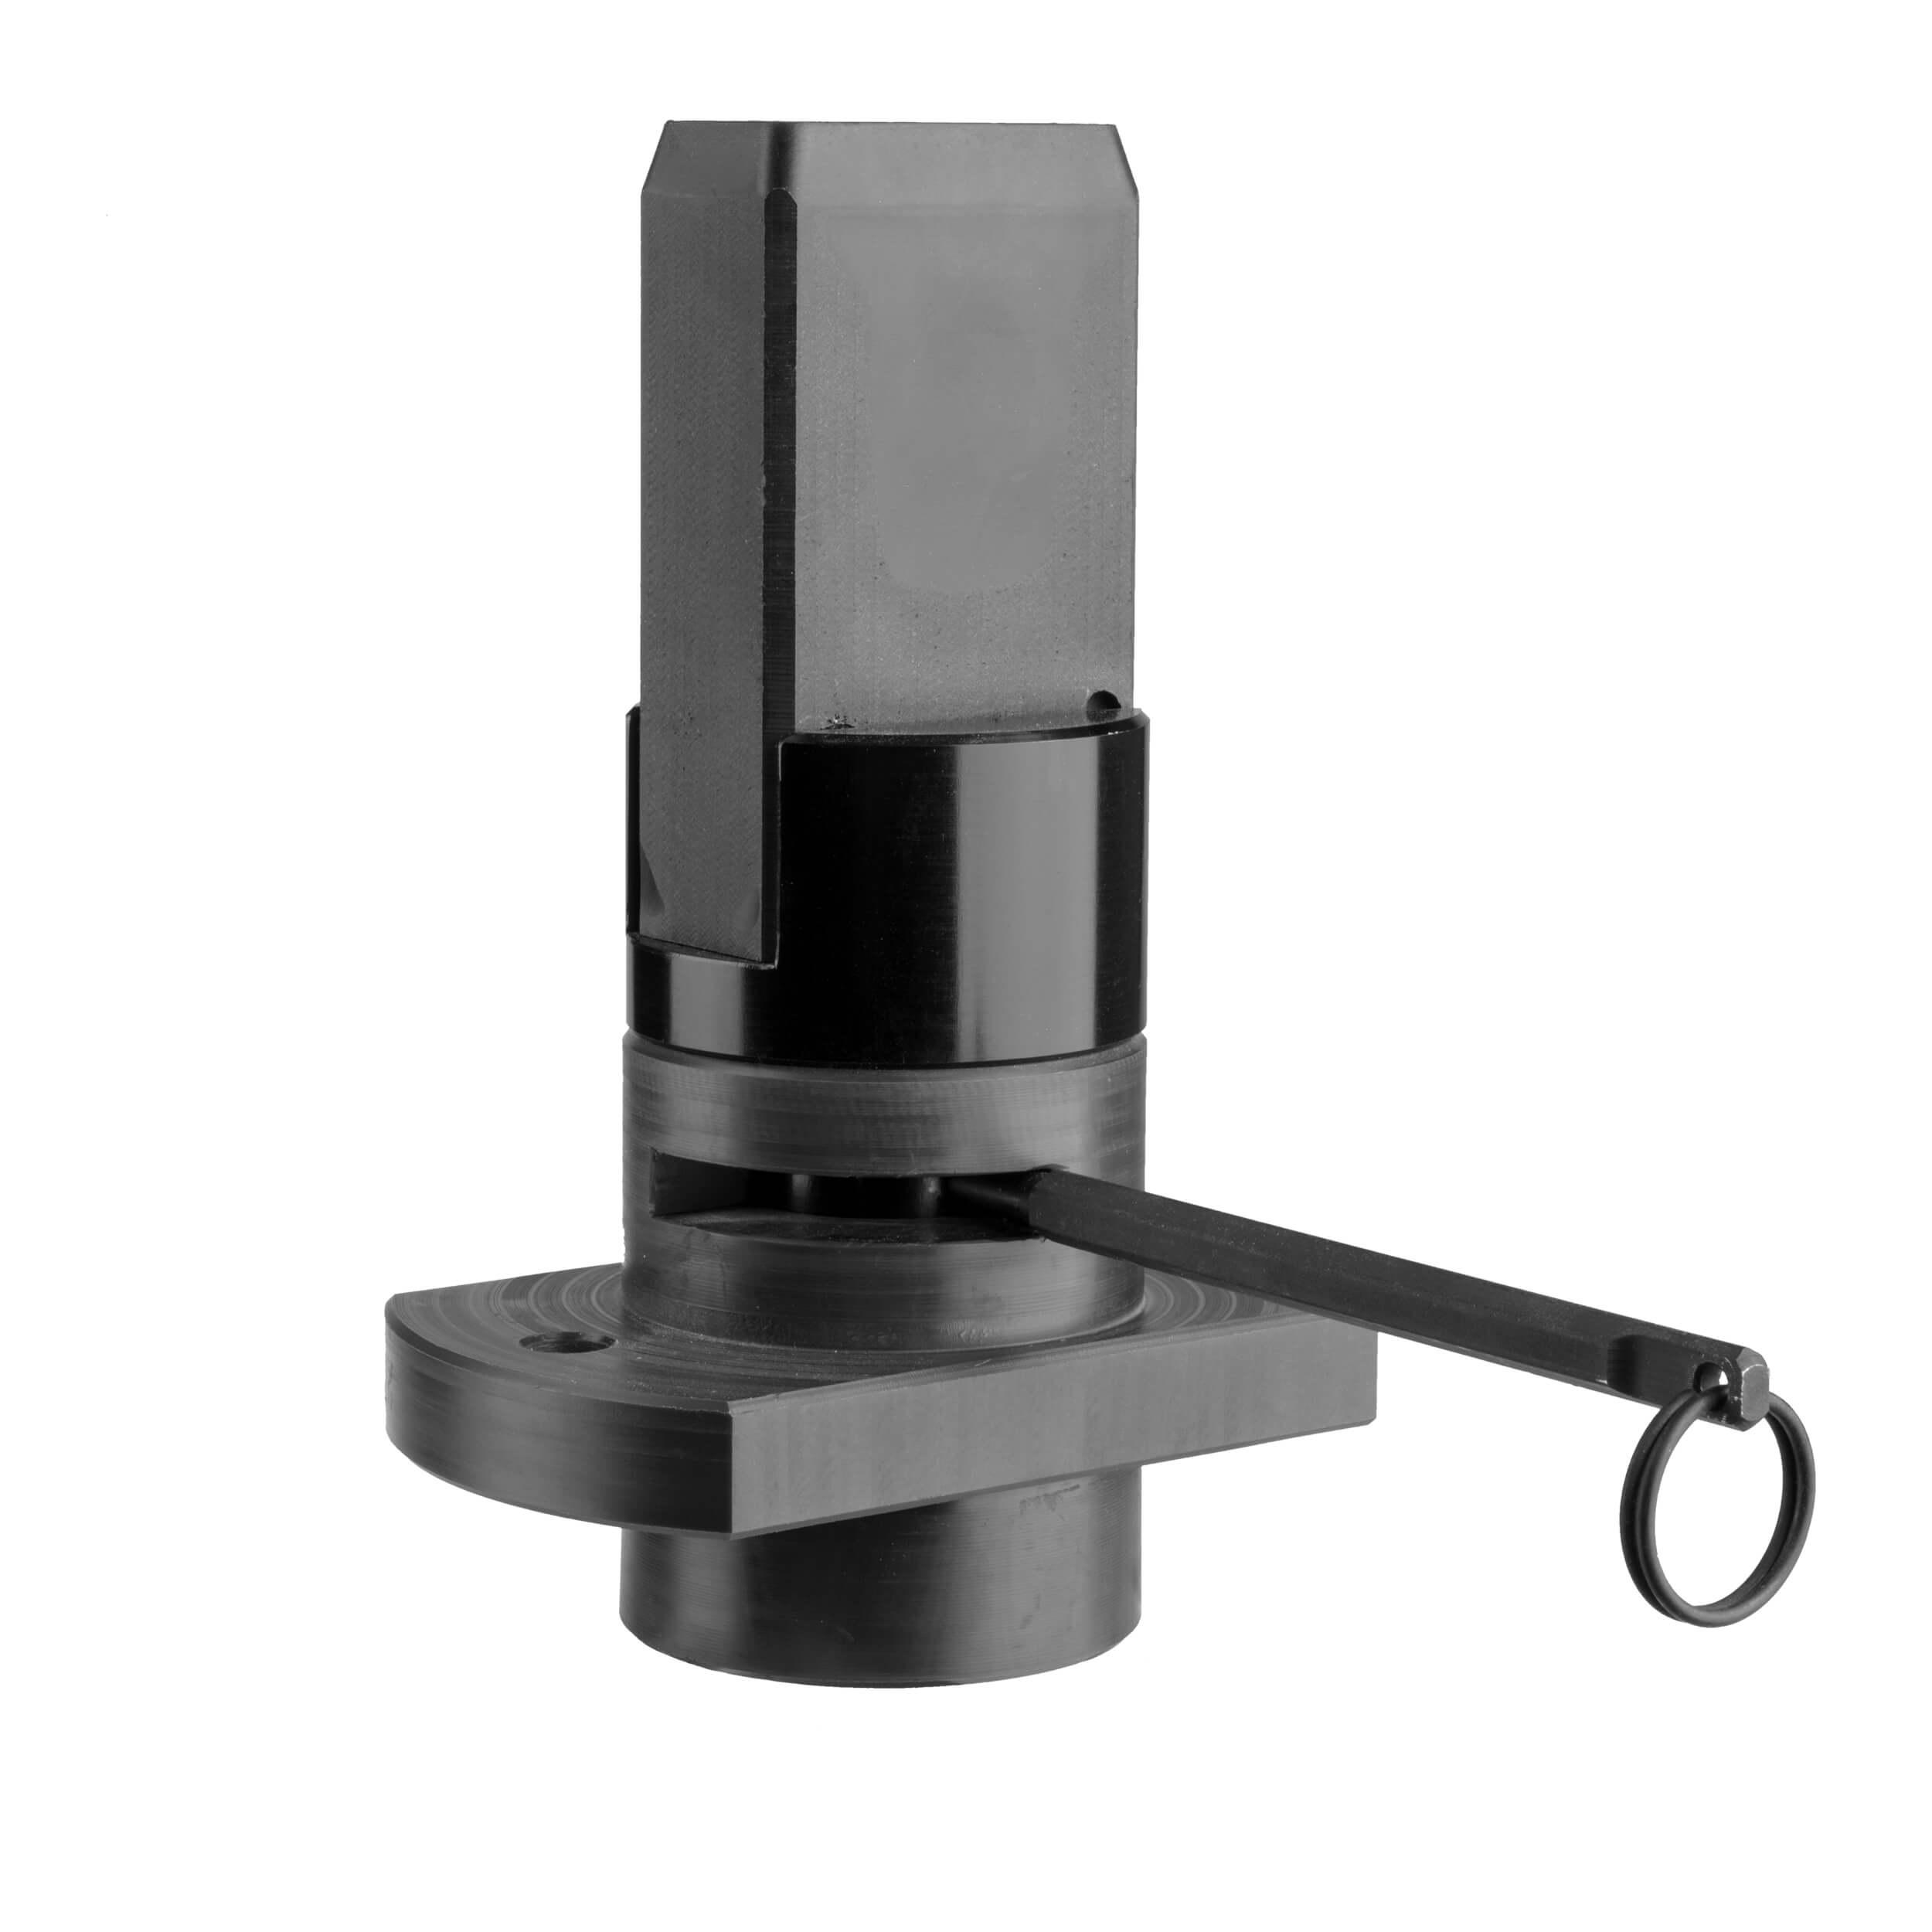 MST ( Mechanical Swinging Target ) Kit